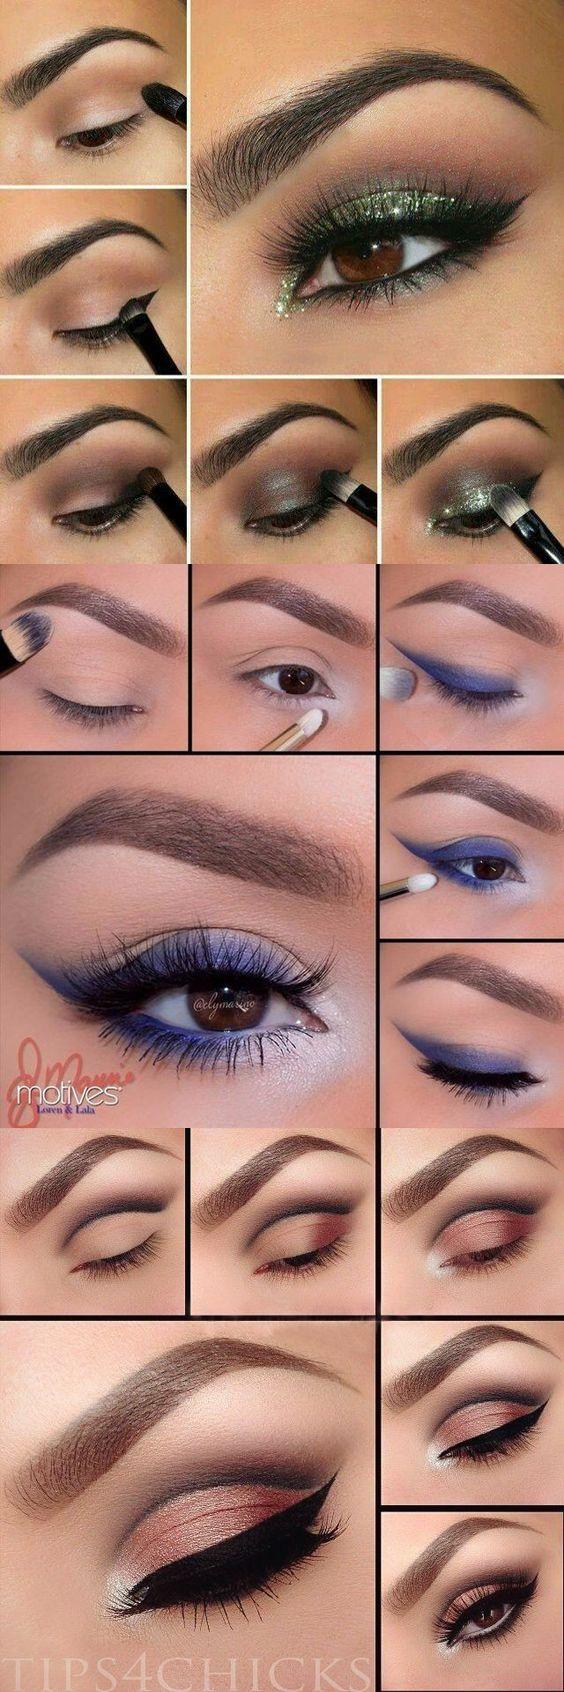 Makeup with light pink dress   best Eyeliner images on Pinterest  Eye liner Eyeliner and